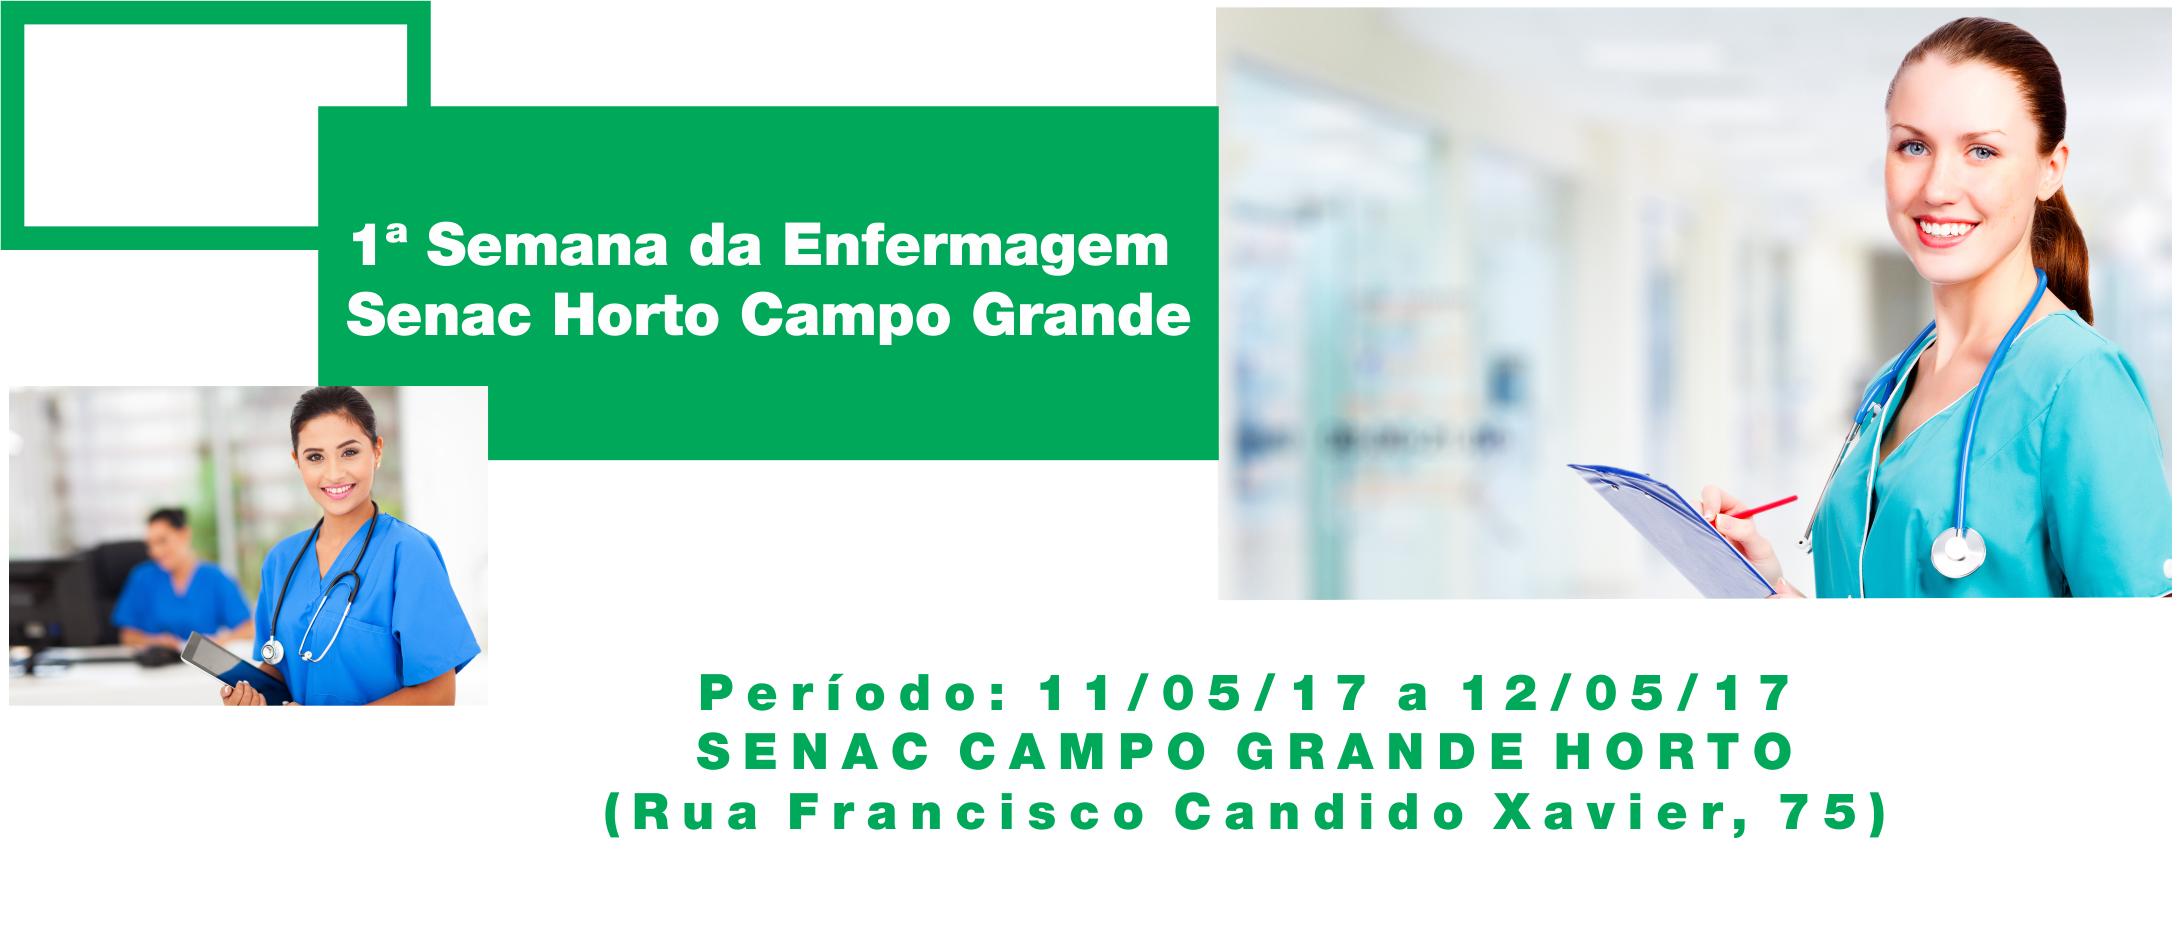 Senac Campo Grande realiza 1ª Semana de Enfermagem